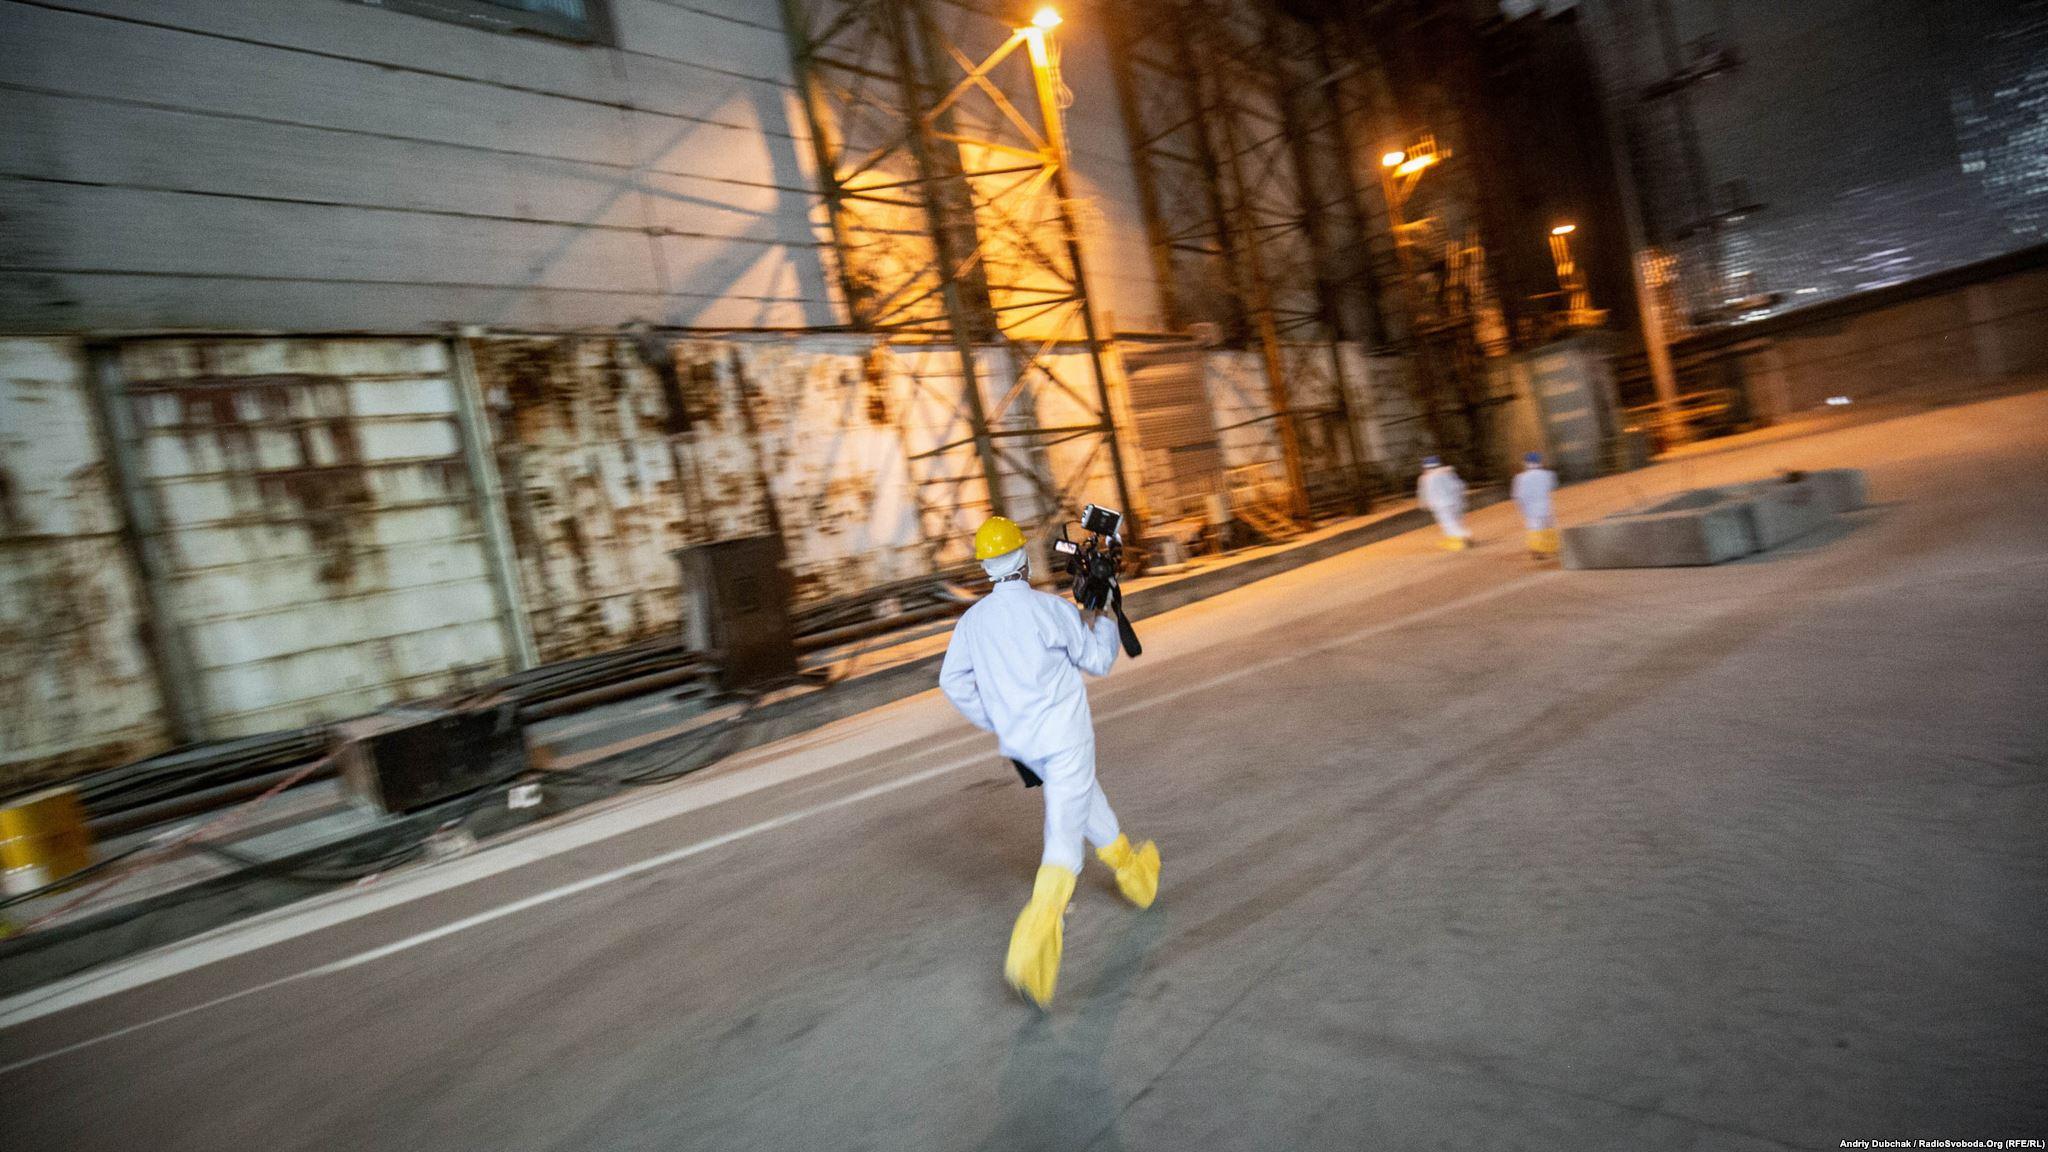 Спробуємо підійти до сьомої турбіни – найзабрудненішої в машинному залі ЧАЕС (Photographer: Andriy Dubchak)